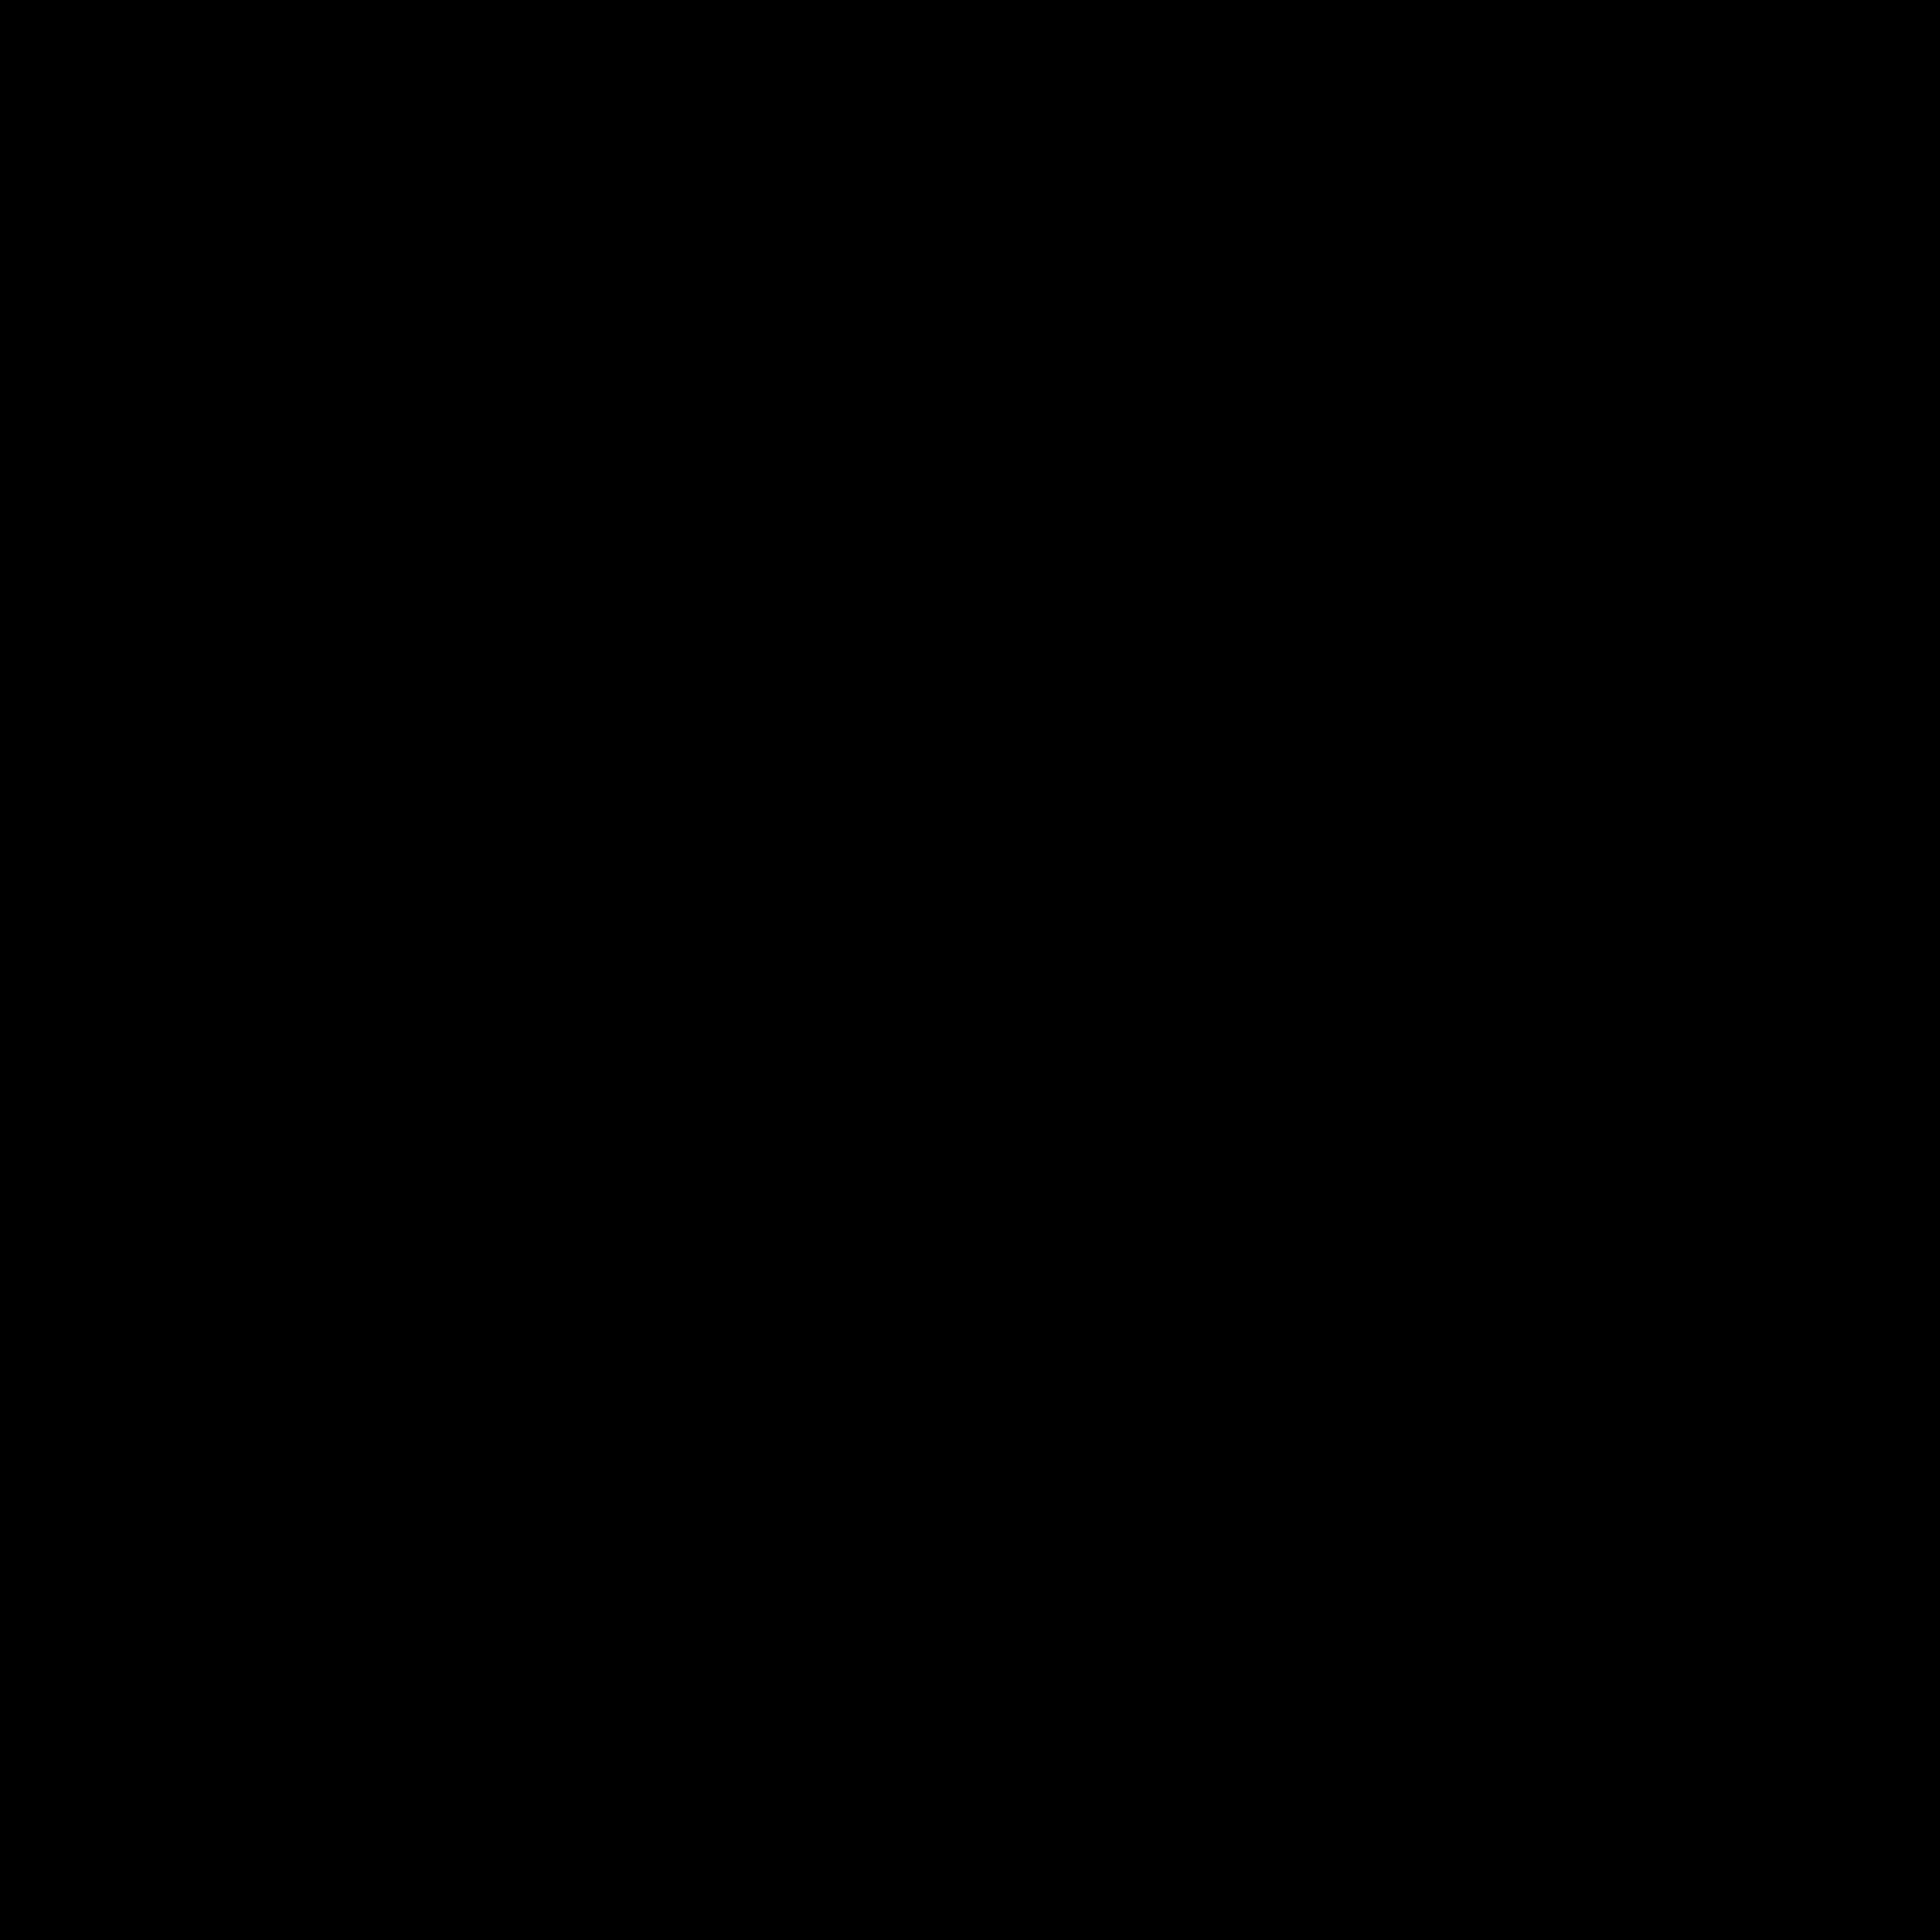 MGB_logo_black